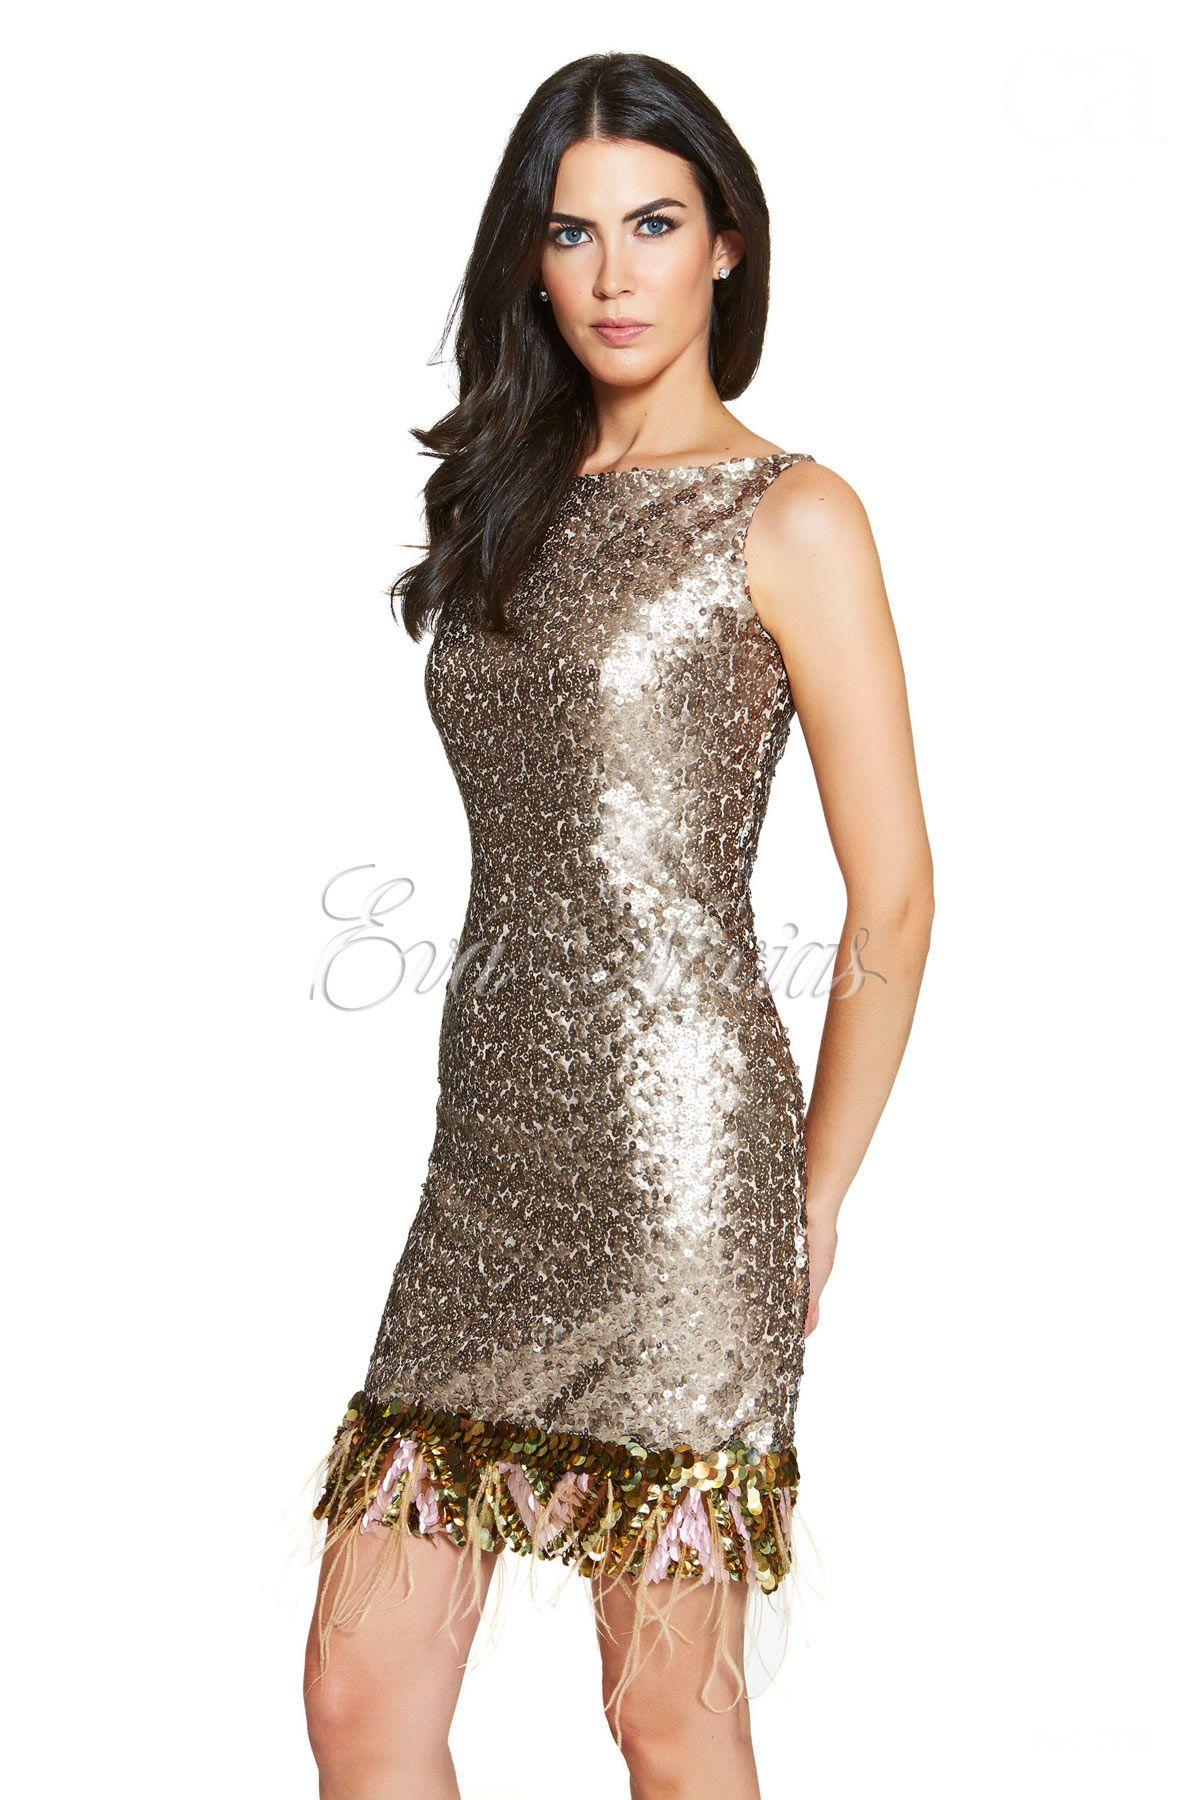 Vestido de Fiesta Carlota Modelo 238 en Madrid. #cocktail #vestidosdefiesta #boda #modamujer